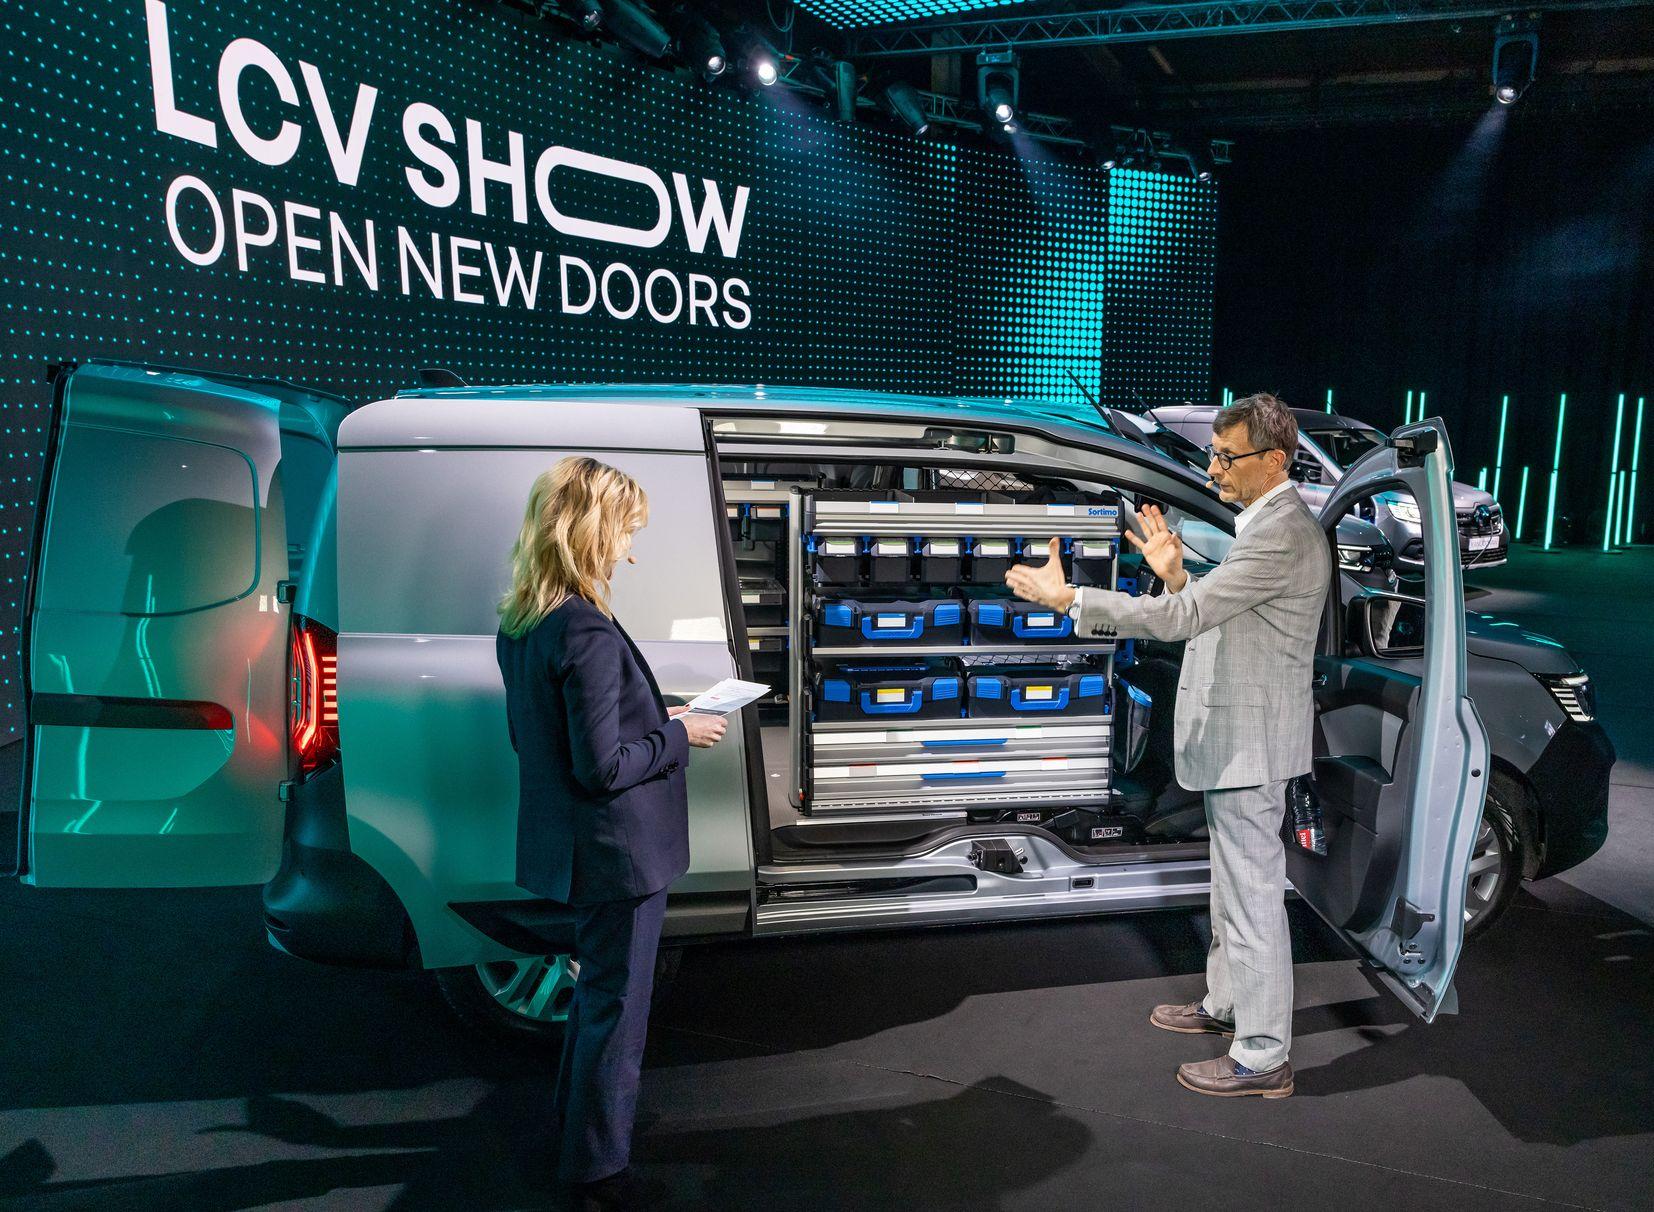 12-2021 - RENAULT LCV SHOW OPENS NEW DOORS_low